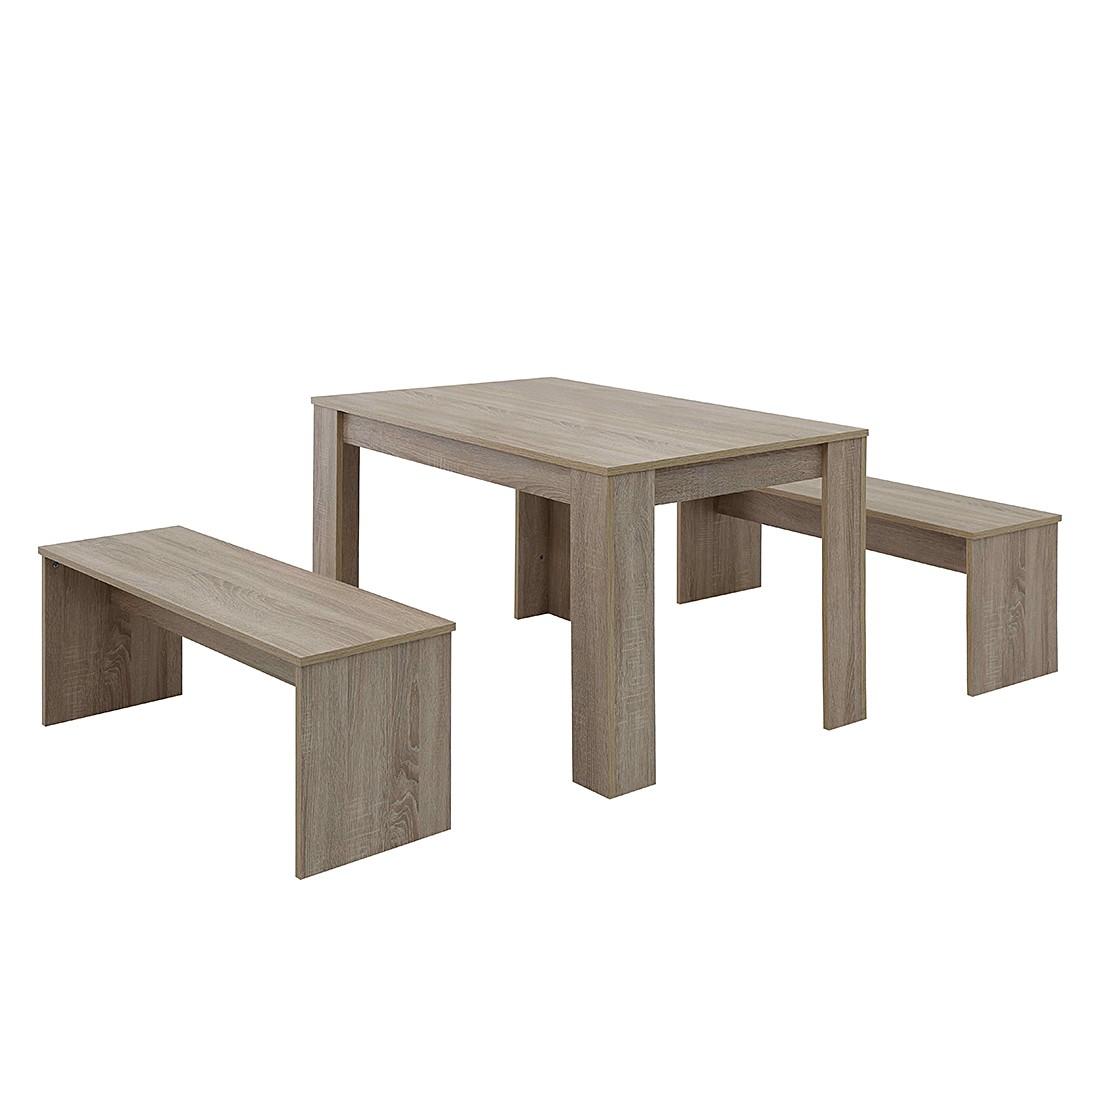 Home 24 - Ensemble de salle à manger broby (3 éléments) - imitation chêne sonoma - 120 x 80 cm, modoform